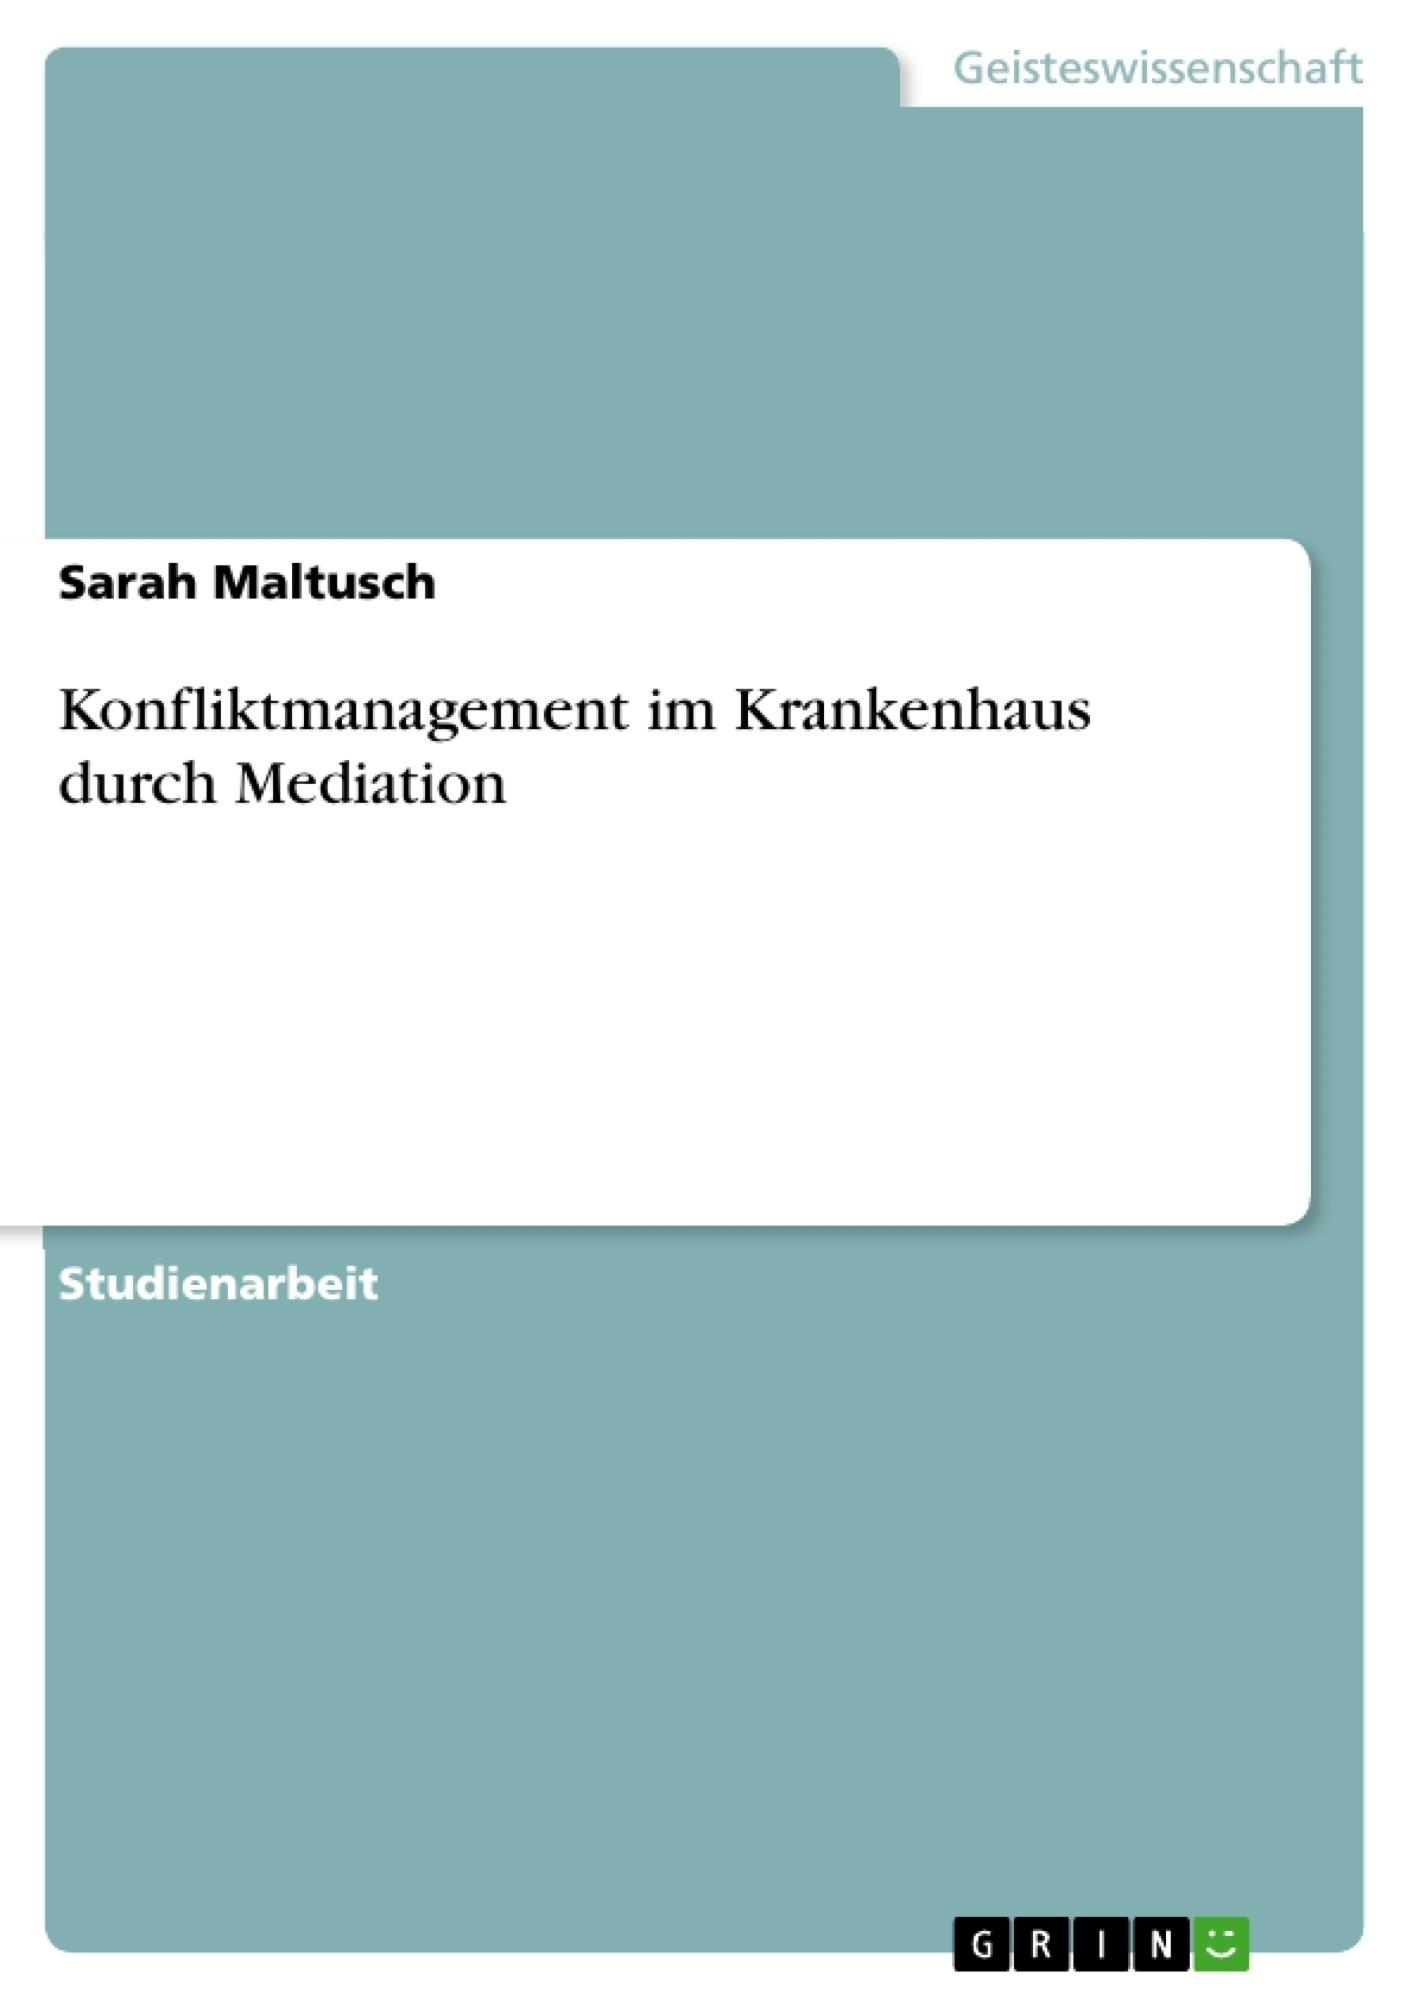 Titel: Konfliktmanagement im Krankenhaus durch Mediation